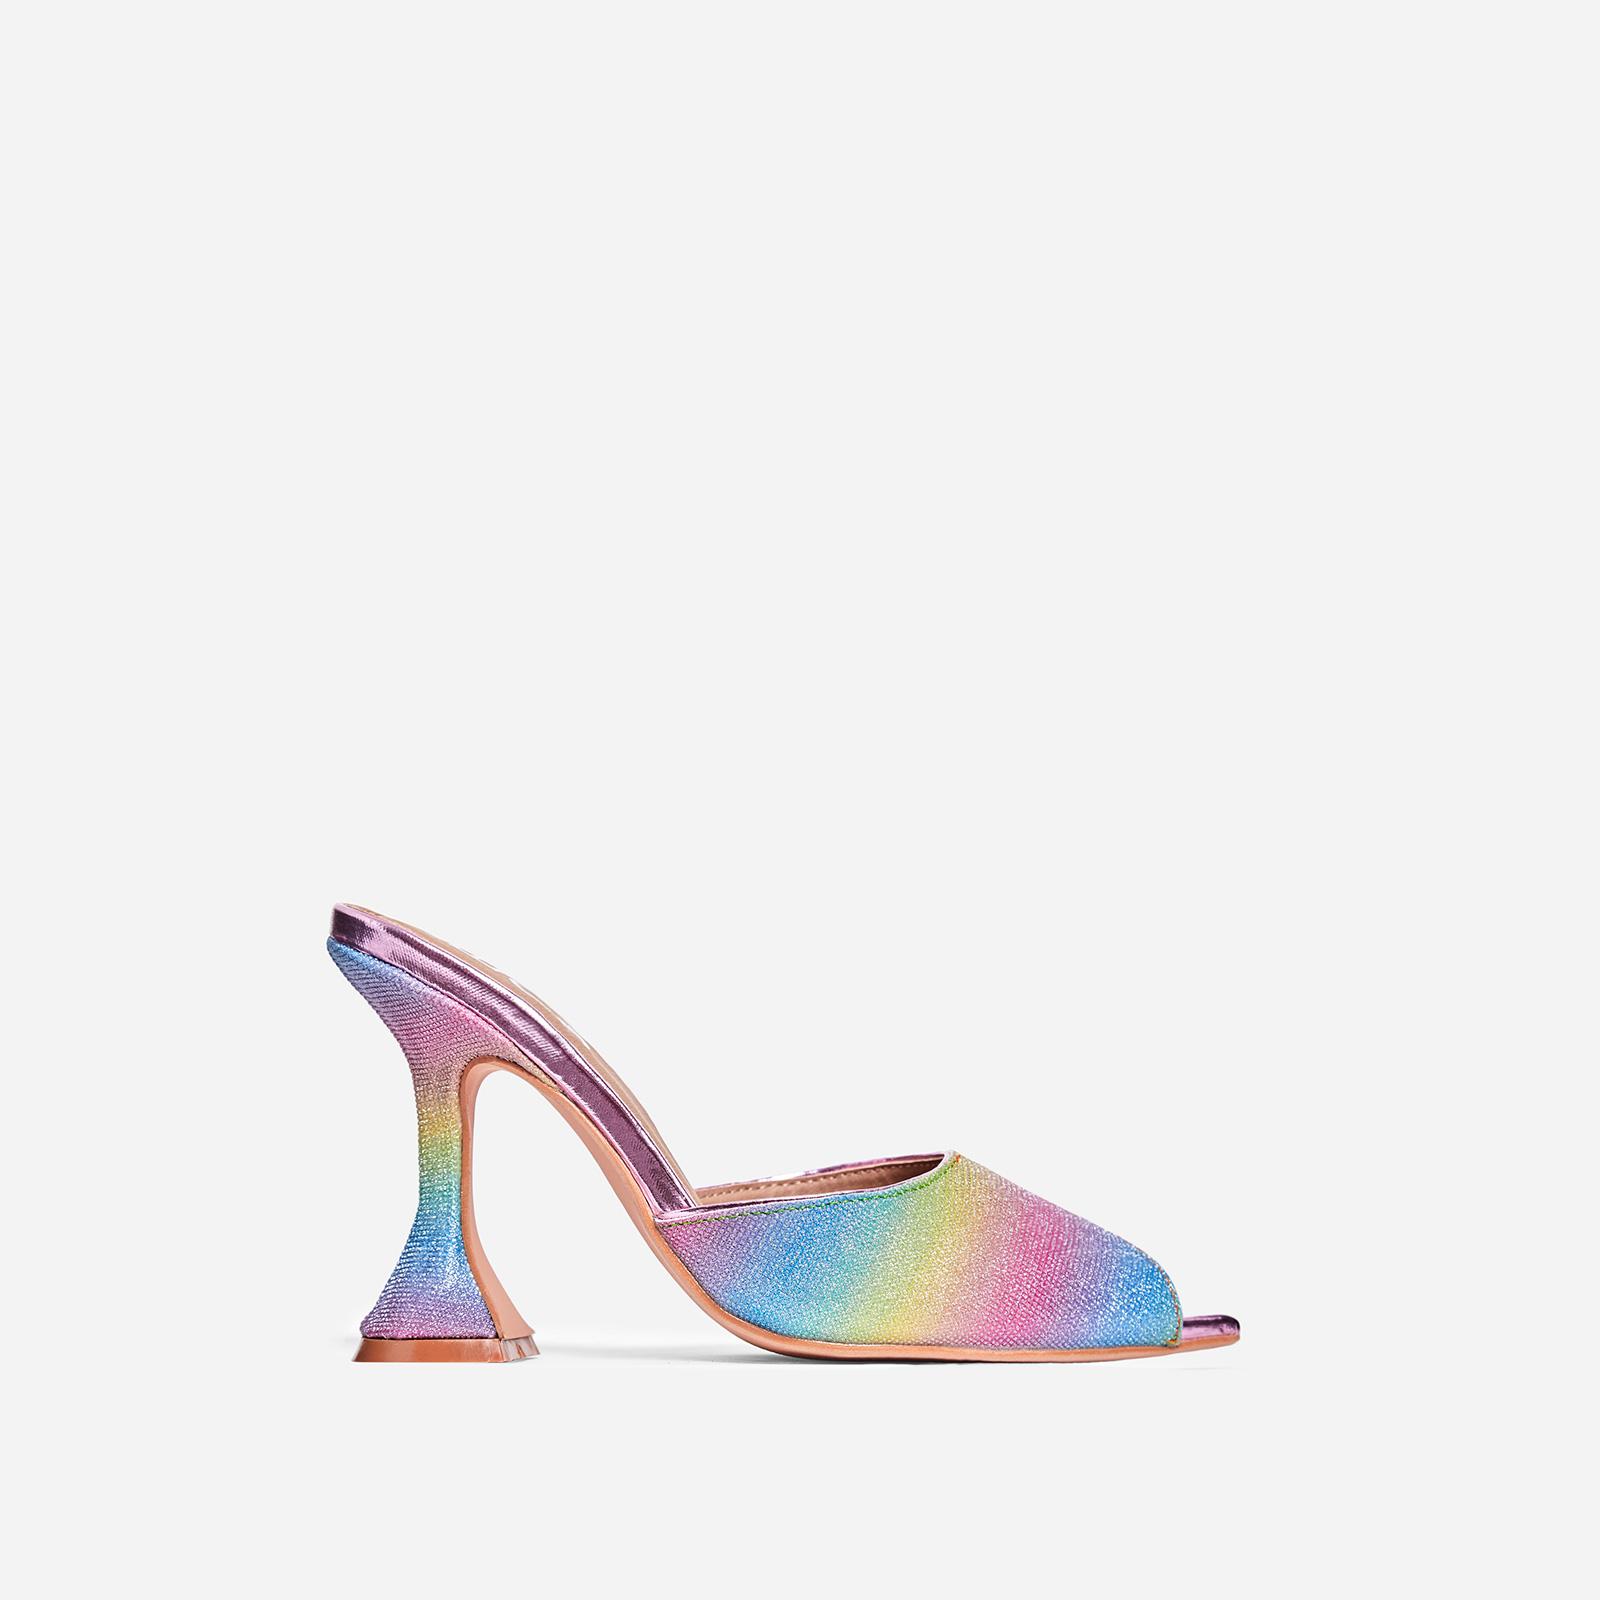 Jetset Peep Toe Pyramid Heel Mule In Rainbow Glitter